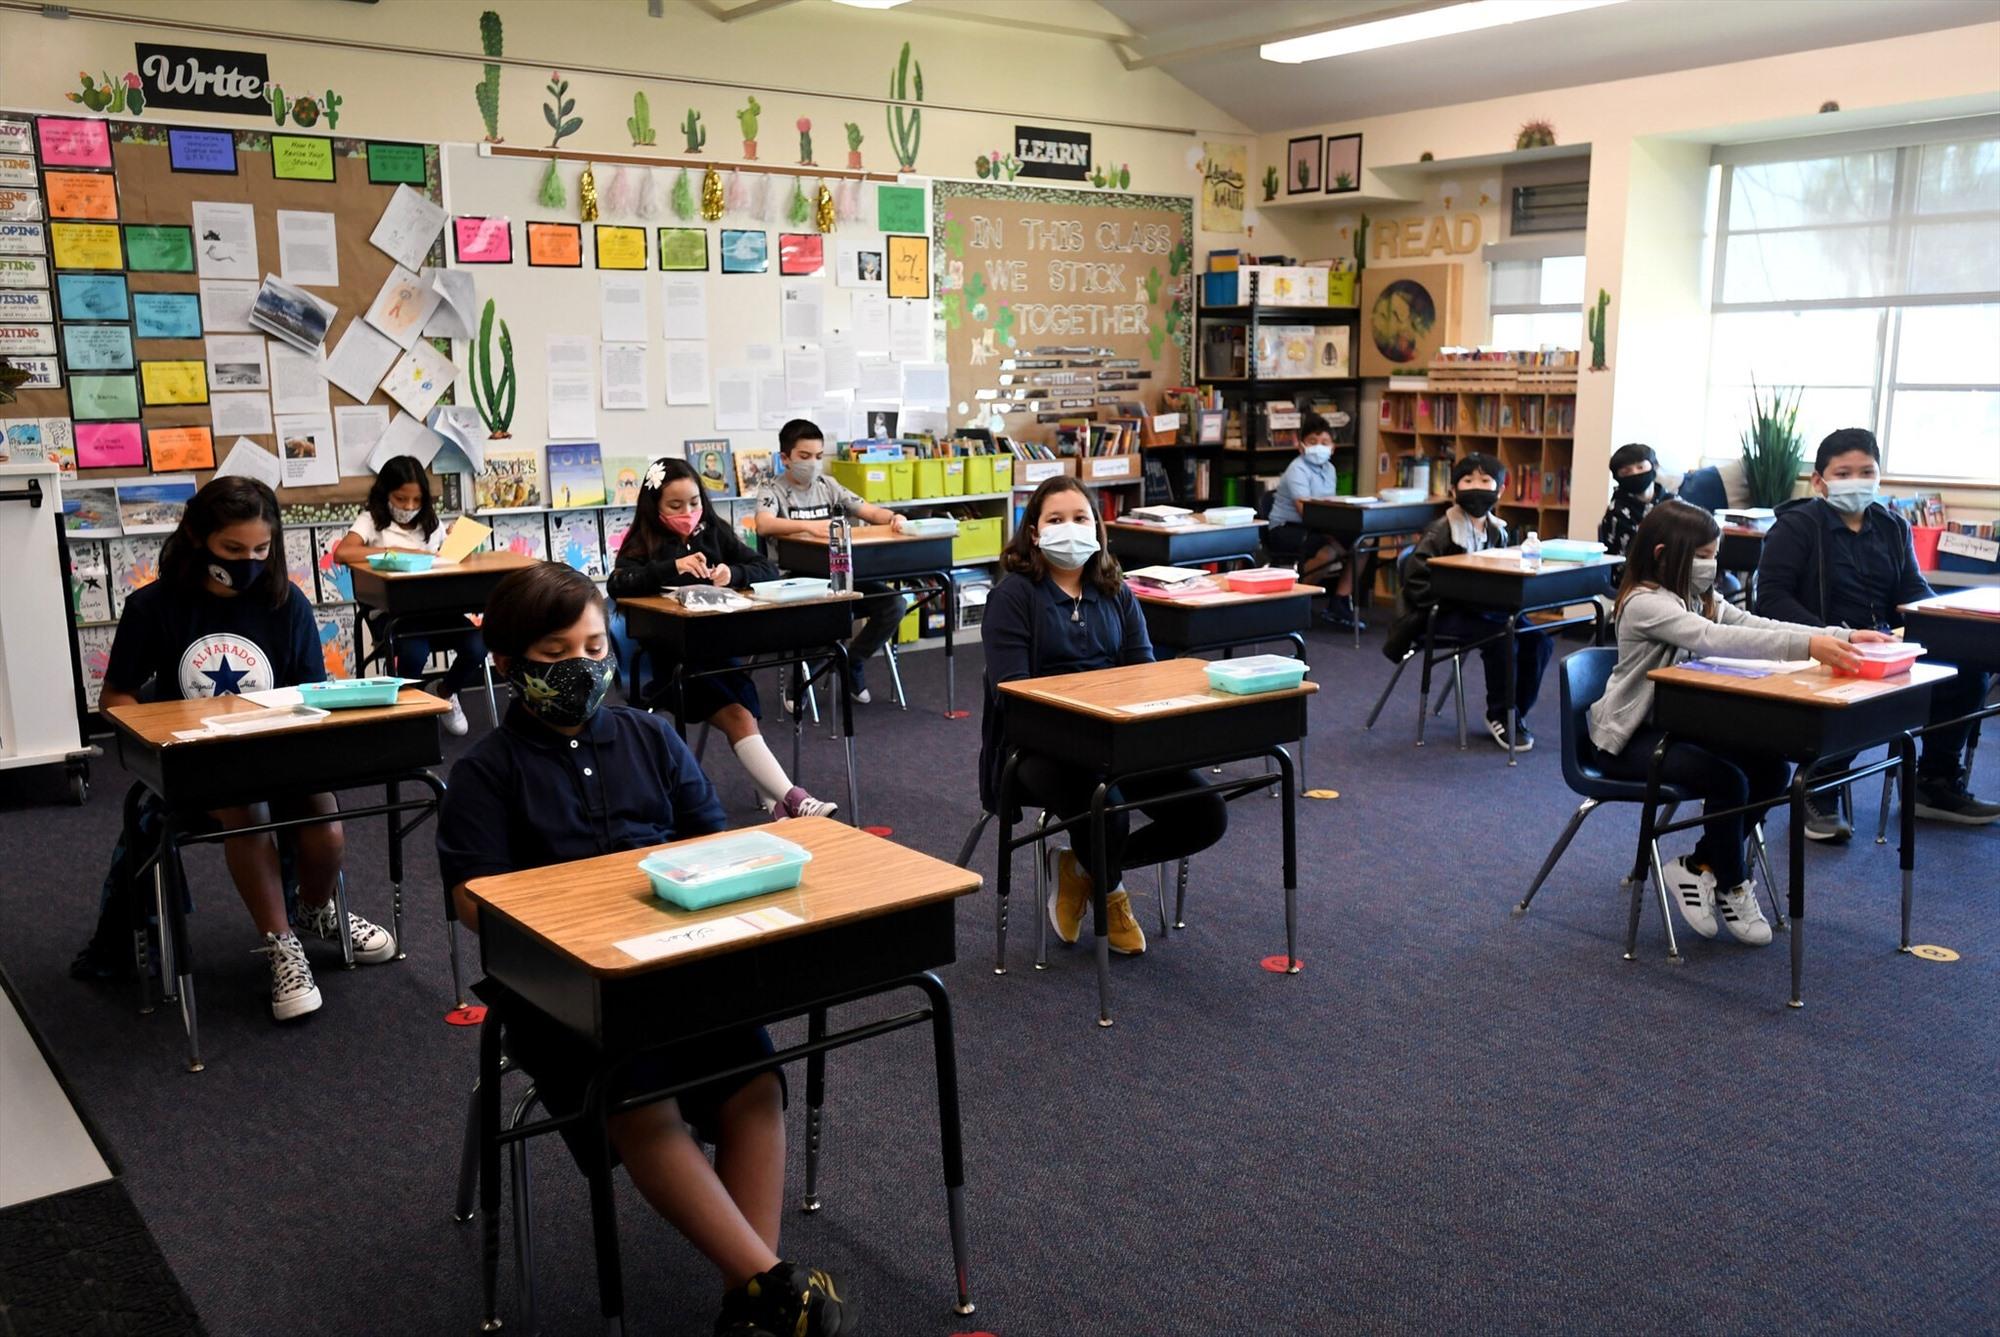 Một lớp học đảm bảo giãn cách, ngăn chặn lây nhiễm Covid-19. Ảnh: Gettyimages